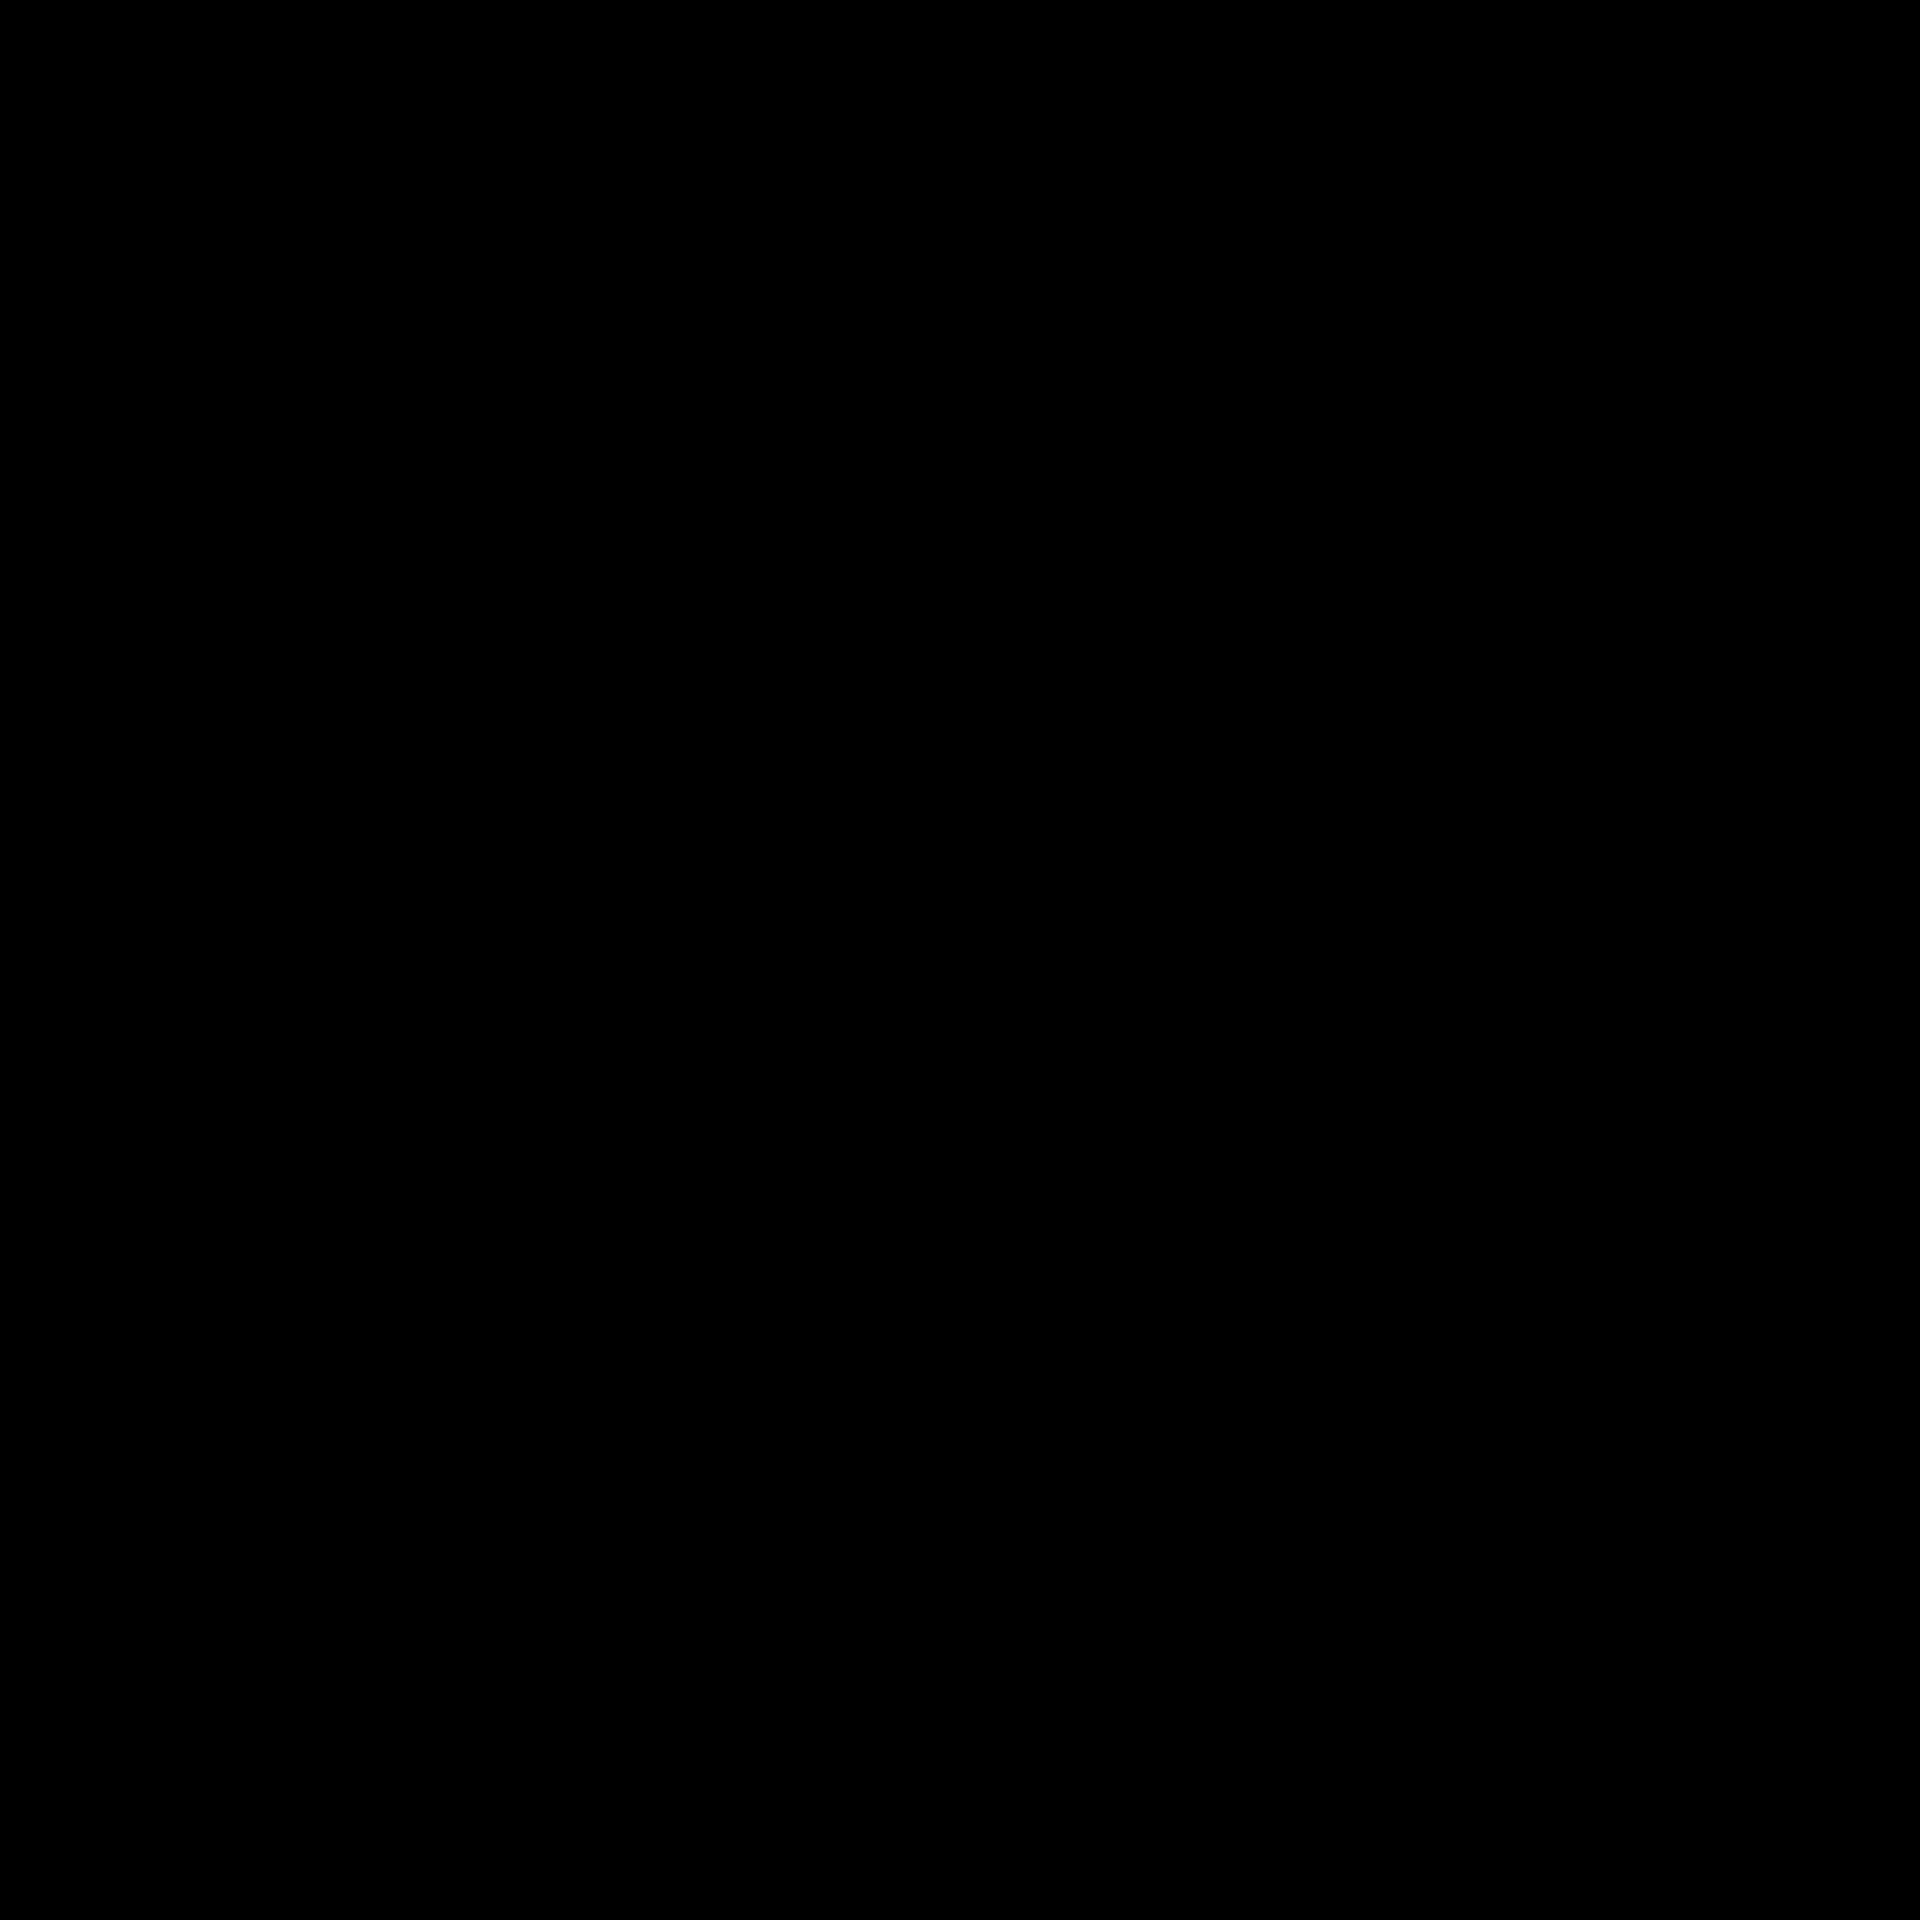 Netzwerk - Icon